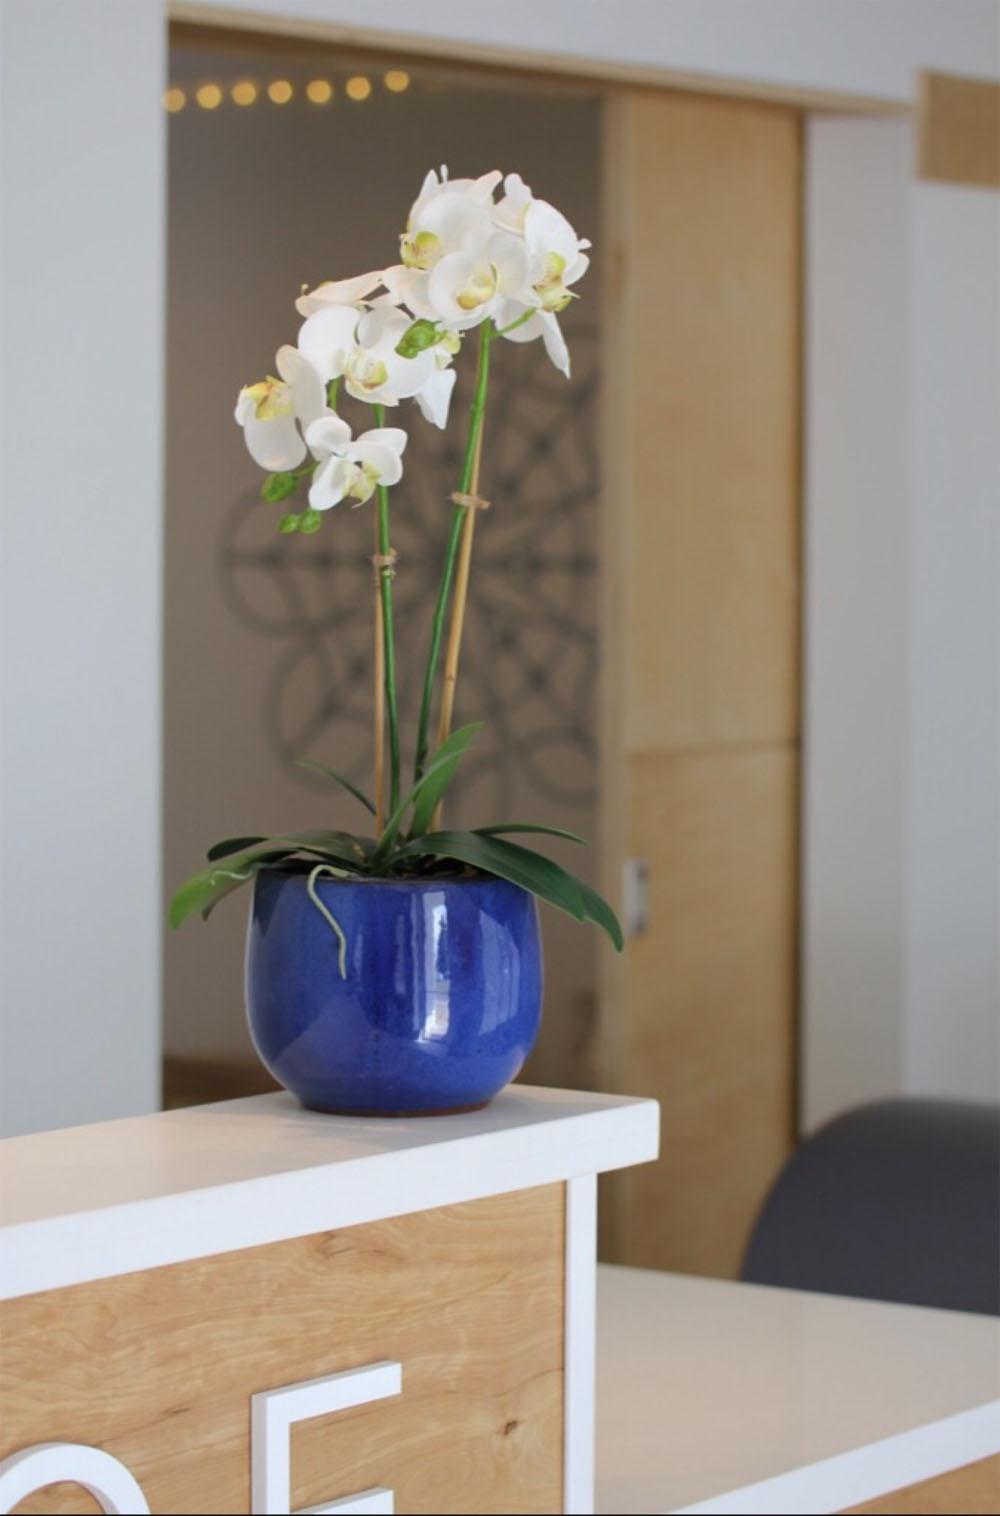 Valerie-Legras-Commercial-Design5.jpg